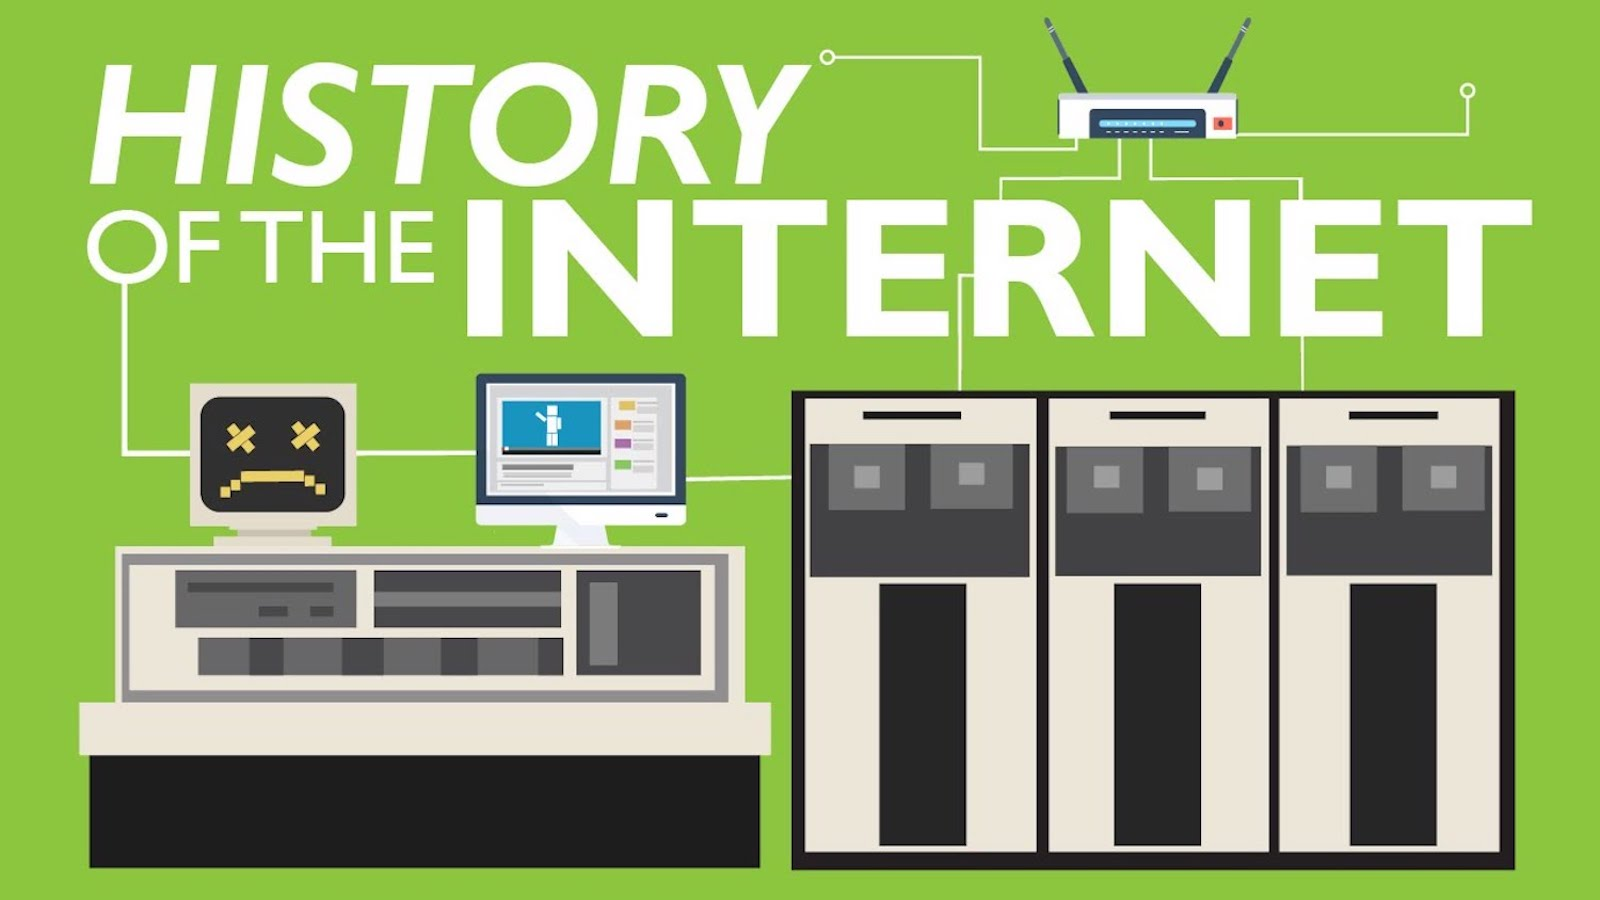 Arpanet 1969, l'histoire d'Internet commence !